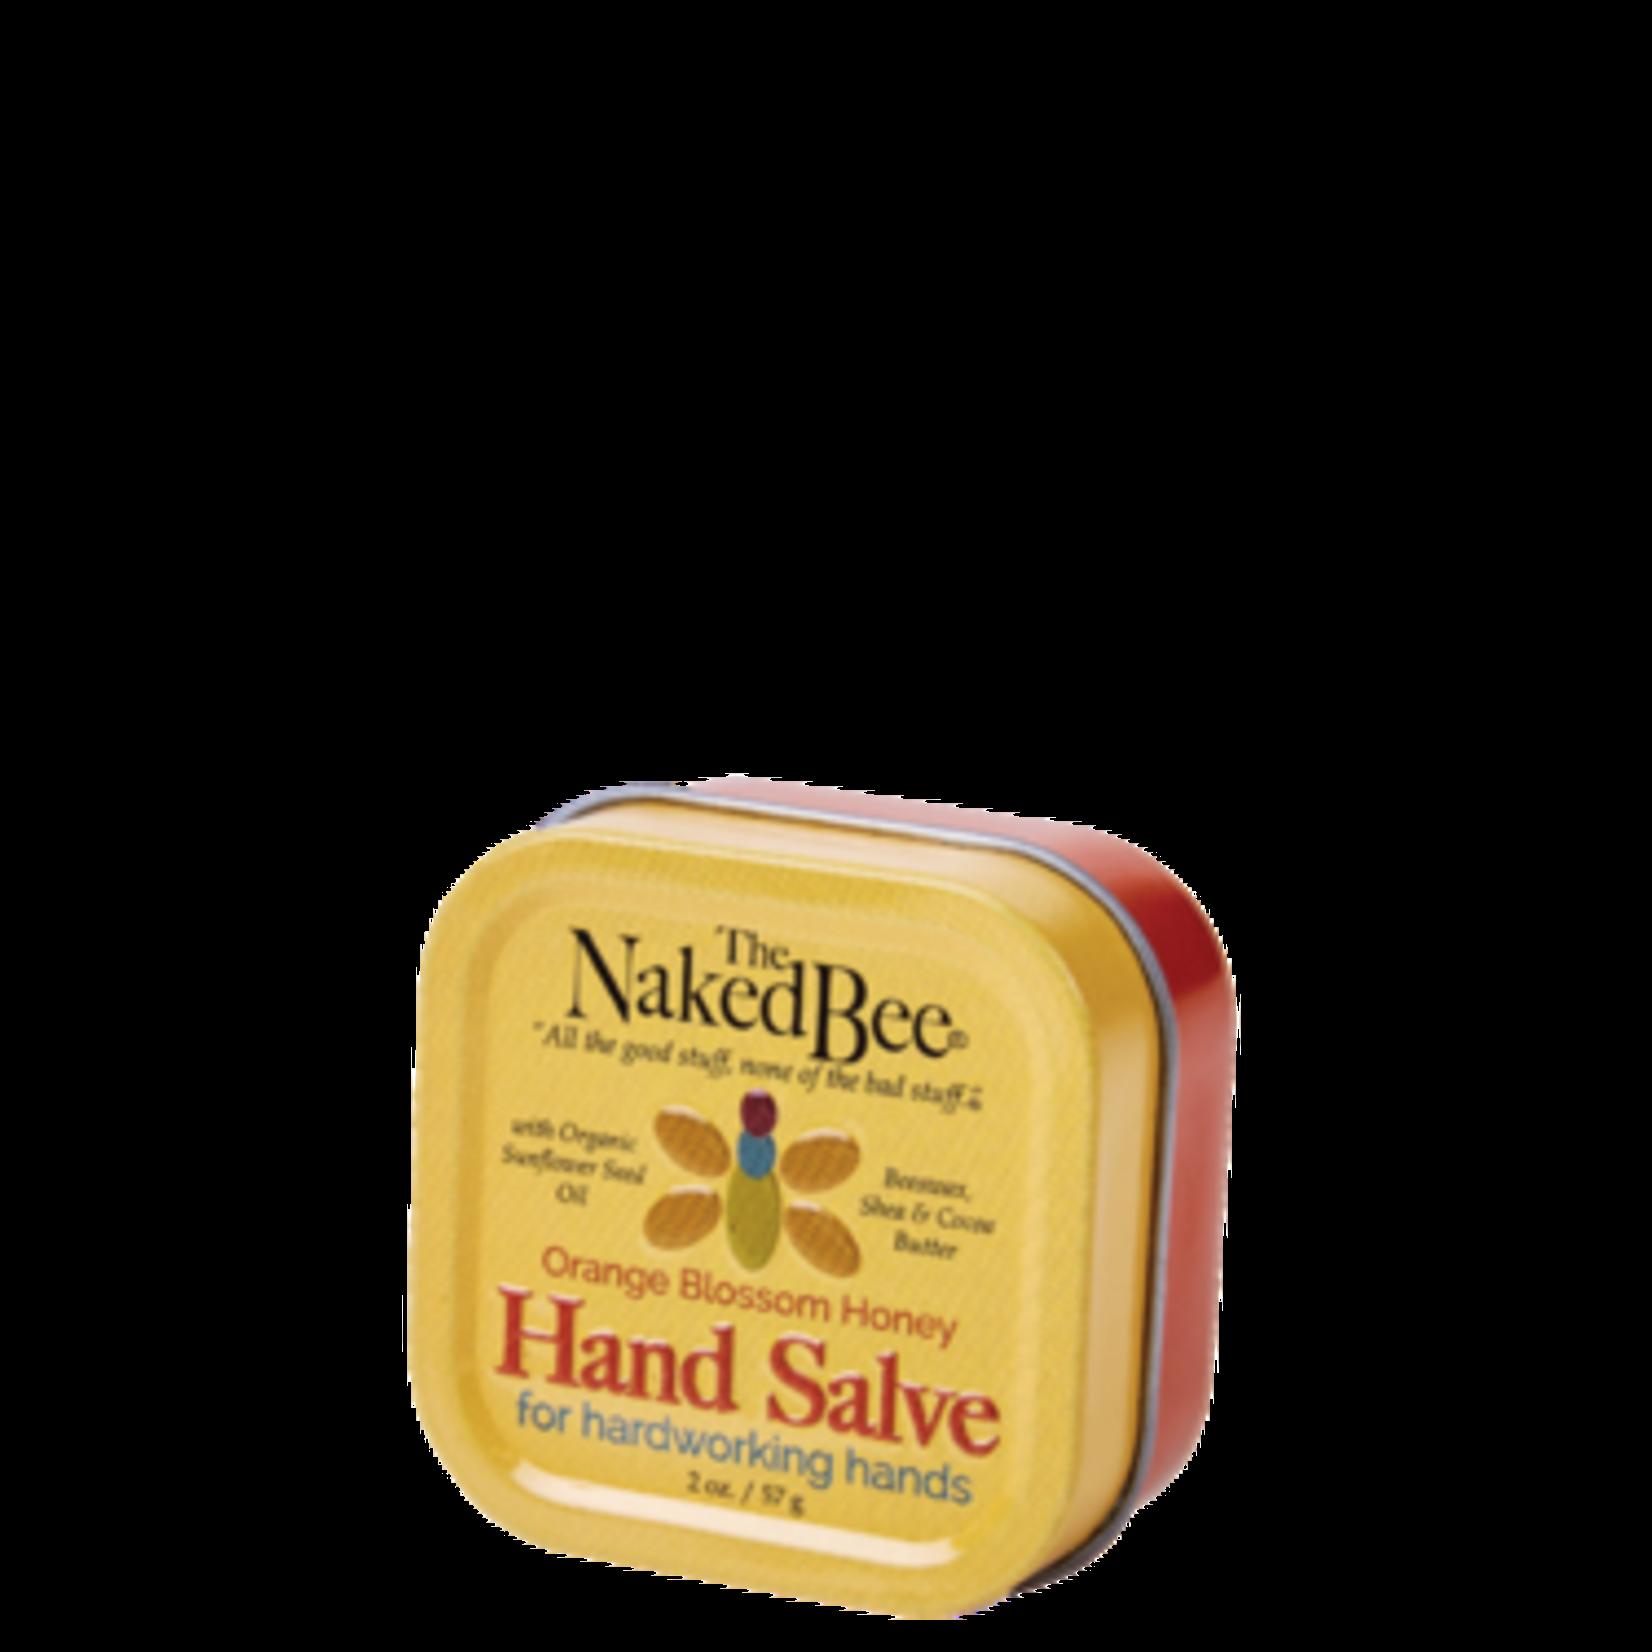 Naked Bee ORANGE BLOSSOM HONEY HAND SALVE